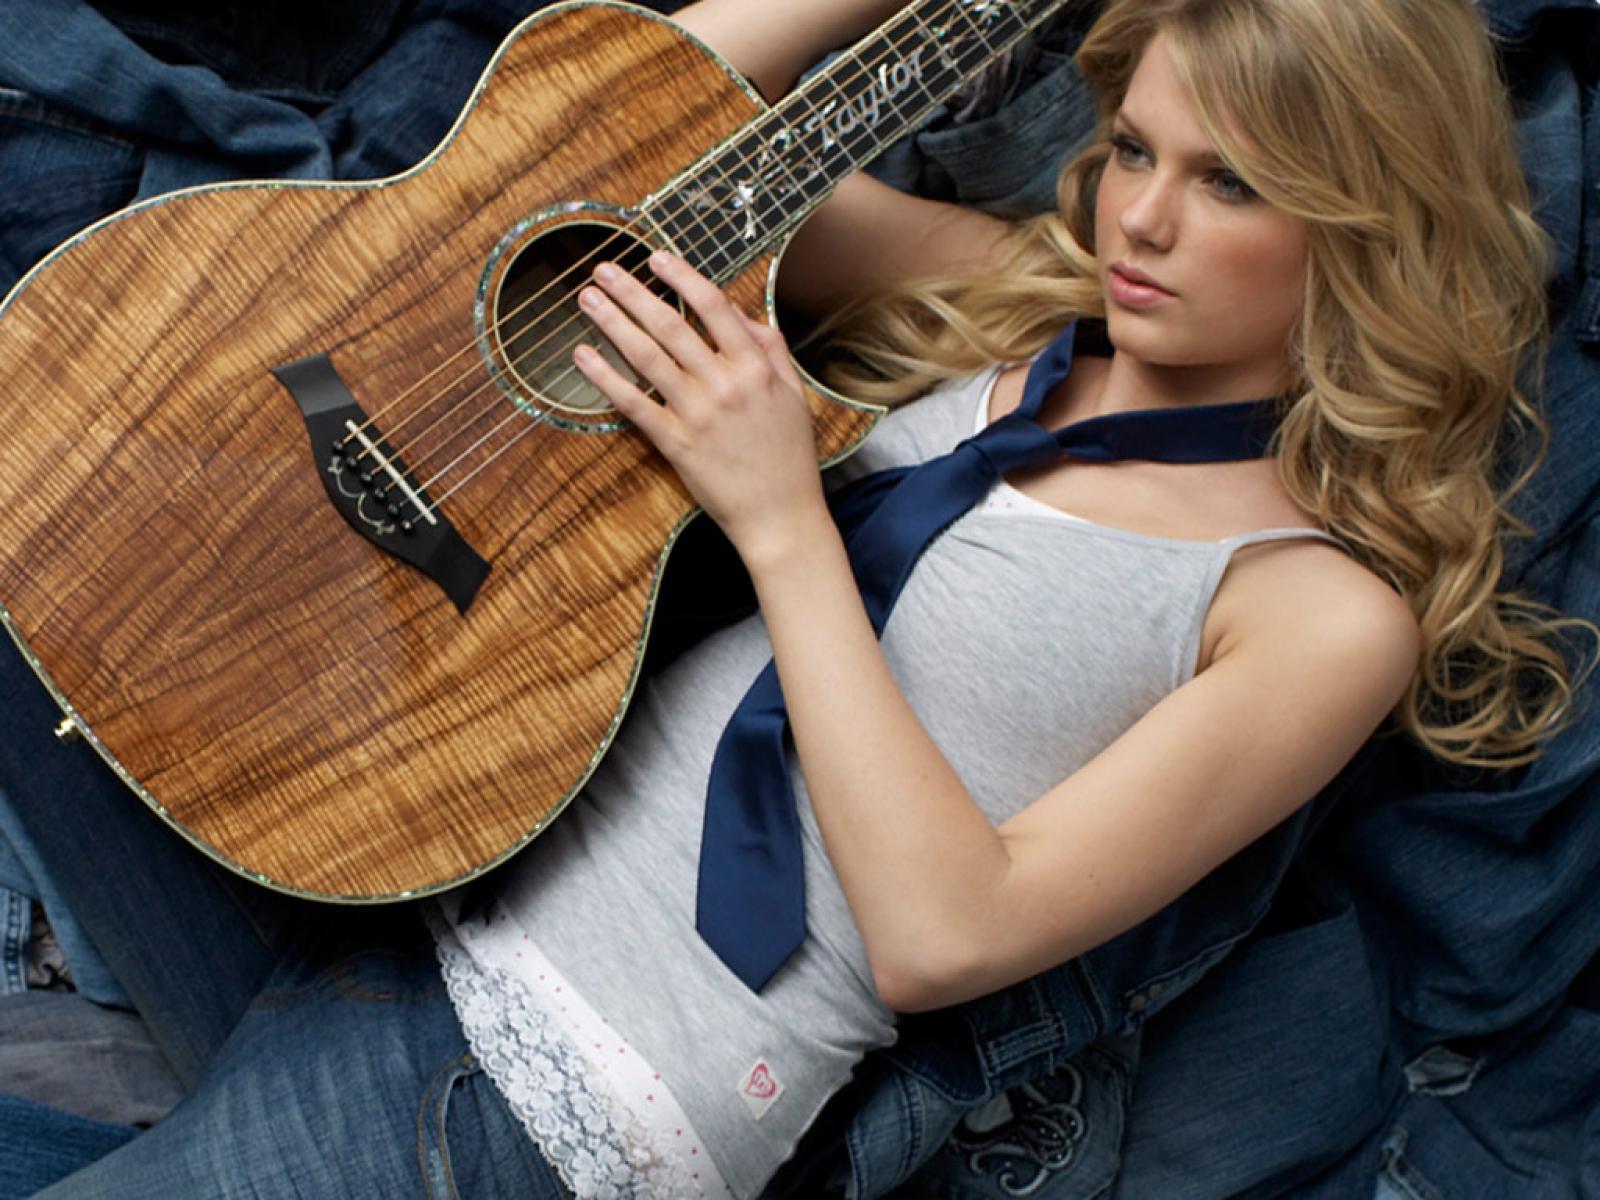 http://1.bp.blogspot.com/--oxCOKUnIYc/TyACC2CHB9I/AAAAAAAAGQo/ANWSNHR_Ffc/s1600/Taylor%2BSwift%2BBiography%2B4.jpg